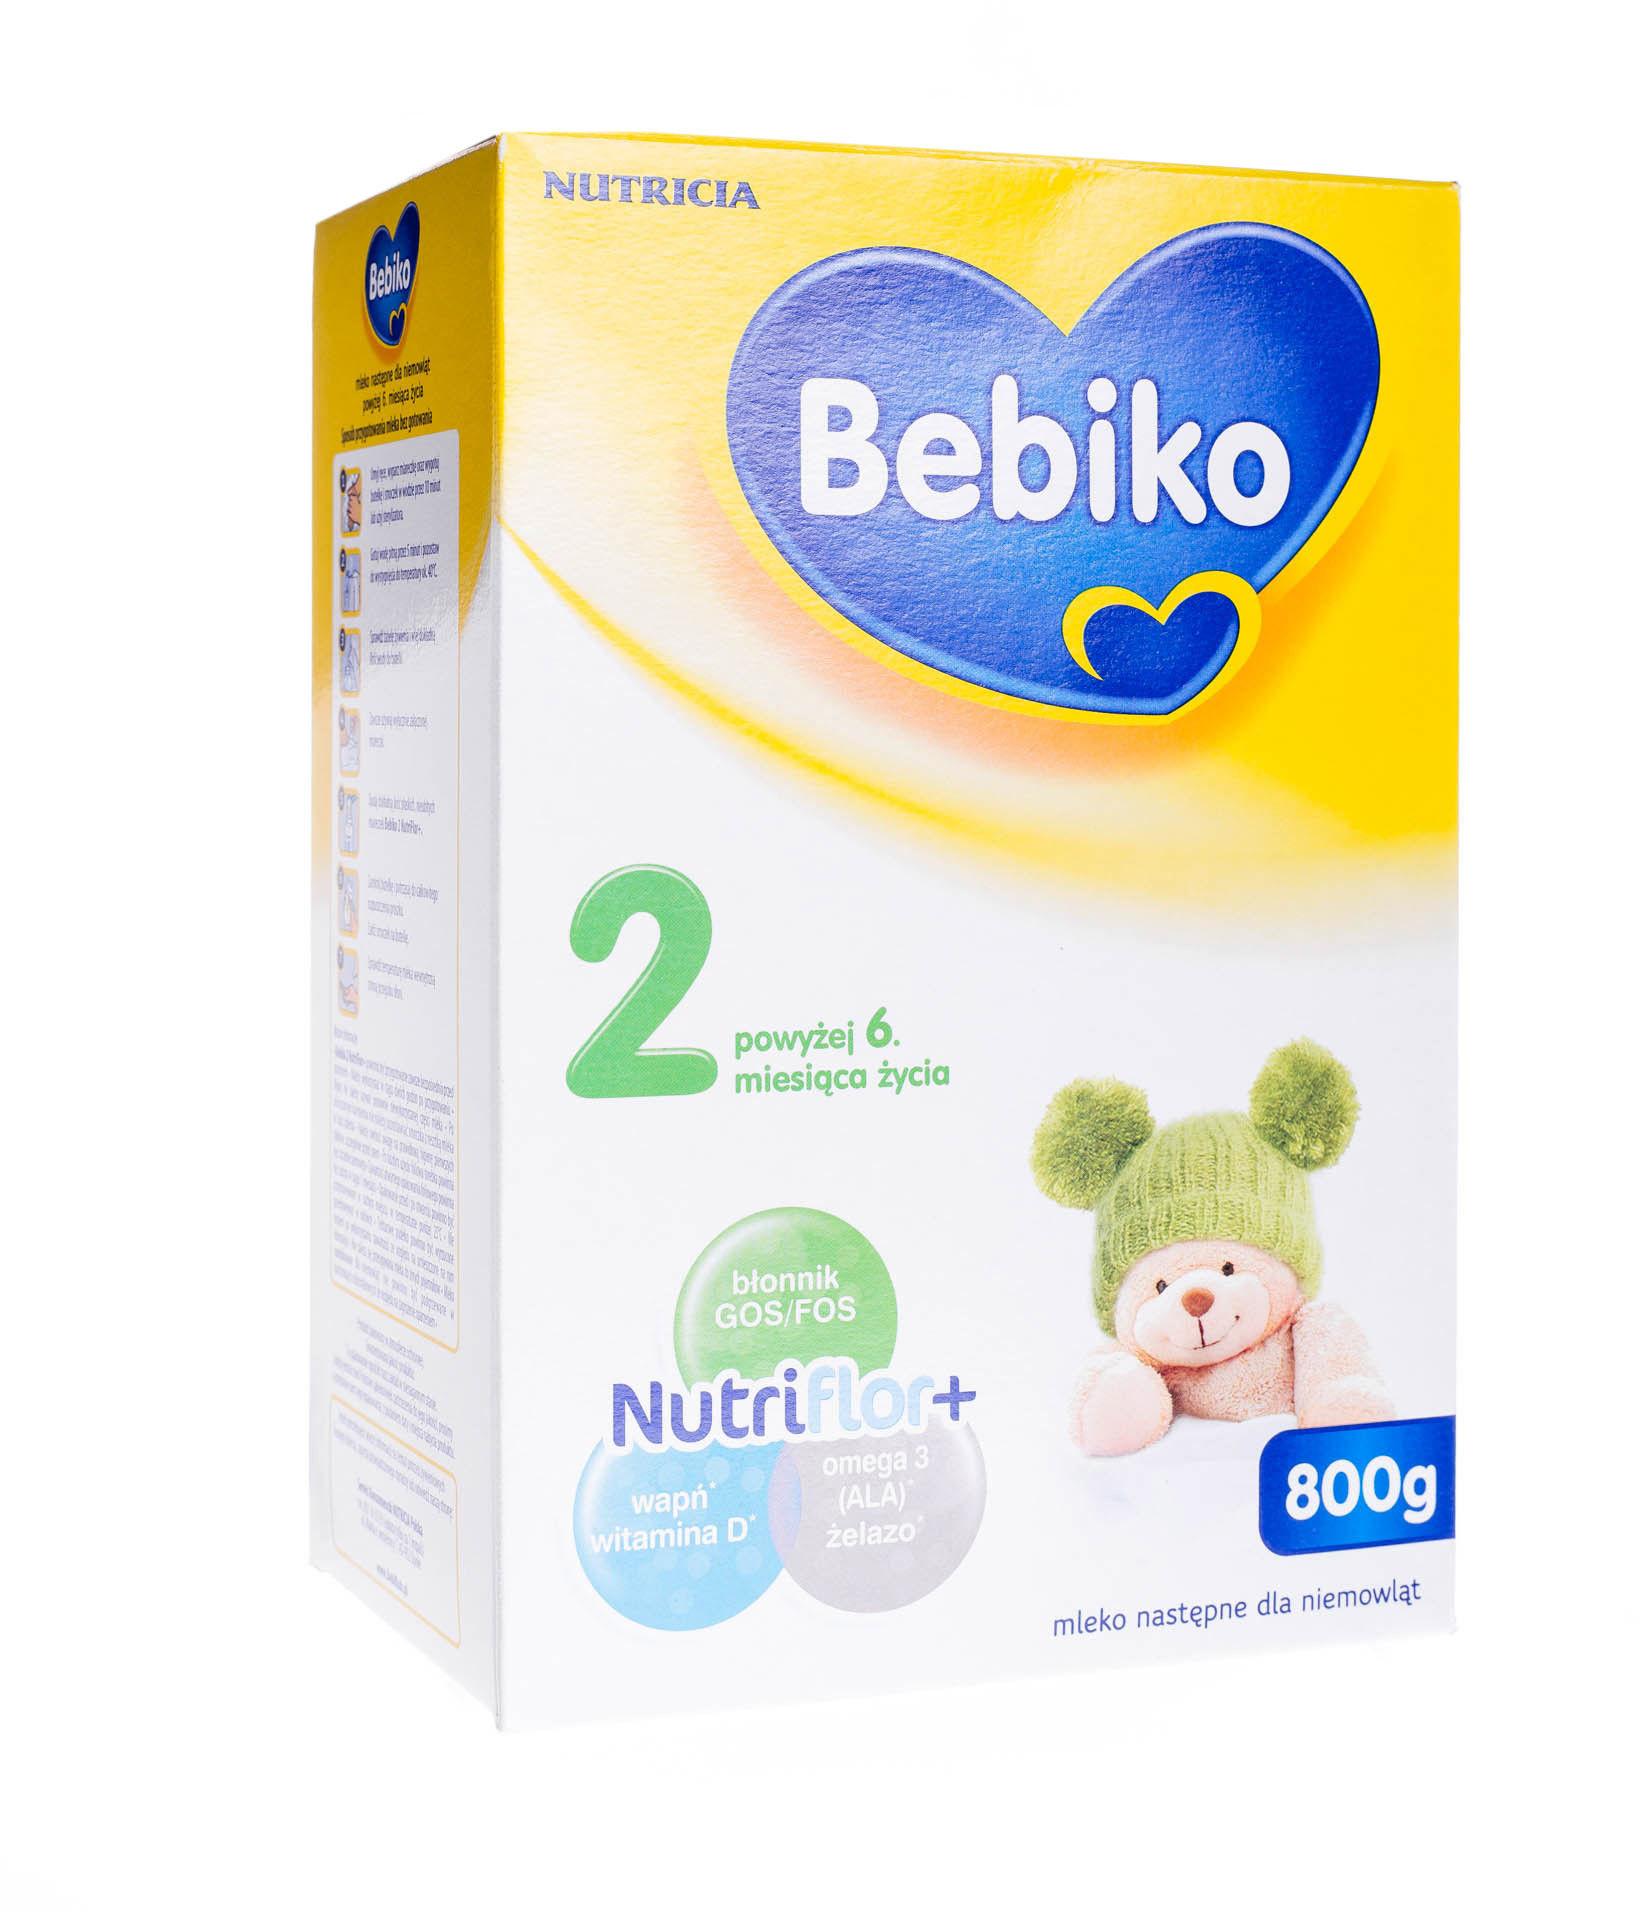 Bebiko 2 mleko następne powyżej 6 miesiąca życia proszek 800 g